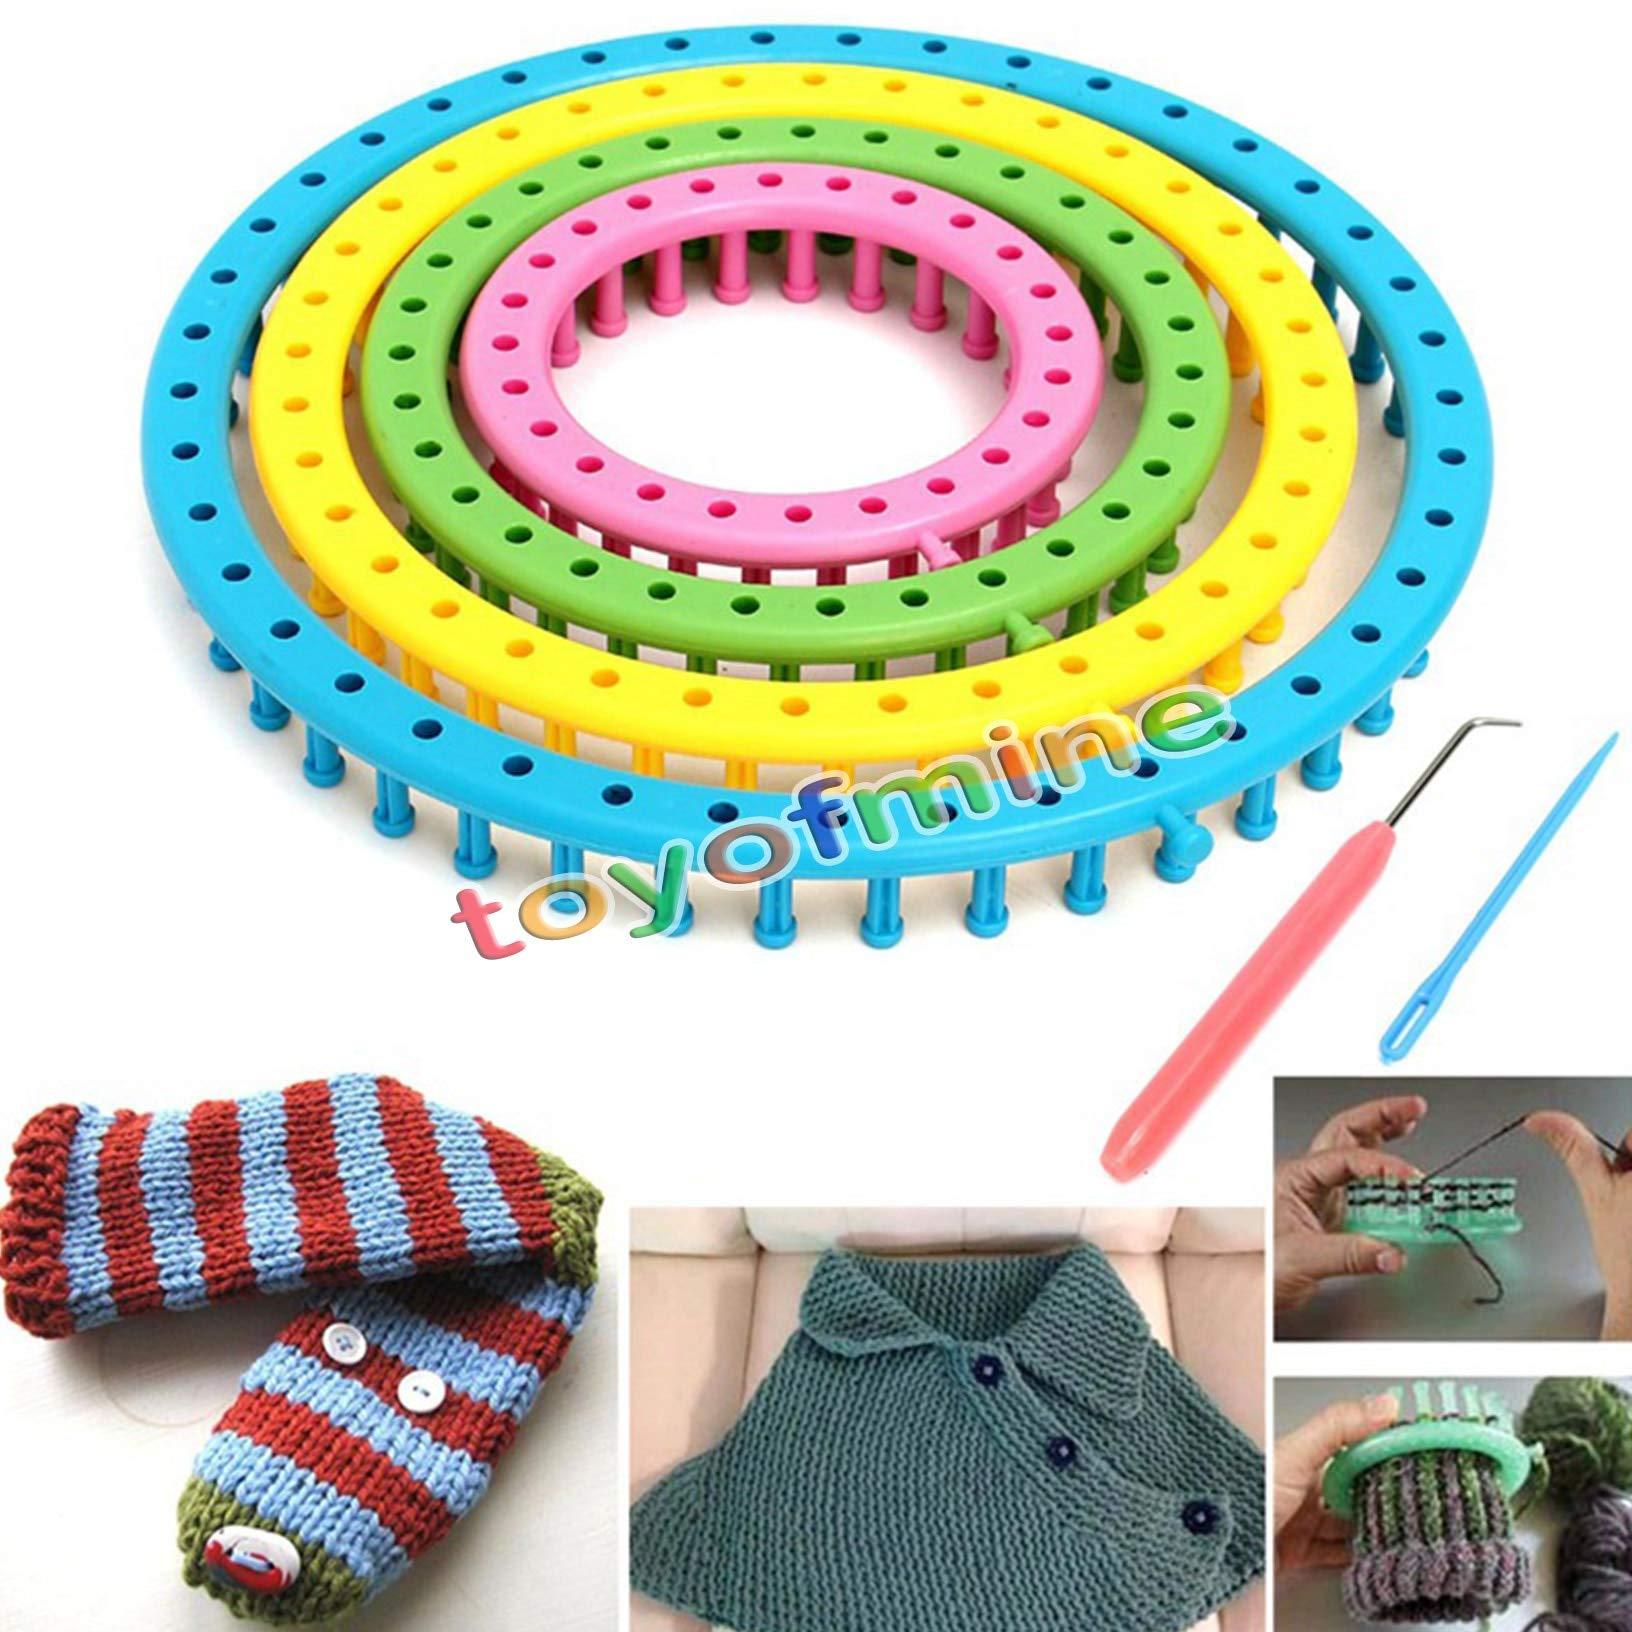 Davitu Useful 6Pcs/Set DIY Knitting Tool Set Round Knitter Looms Ring Yarn Needle Sock Scarf Hat Maker Weave Loom Kit Craft Sewing Tool